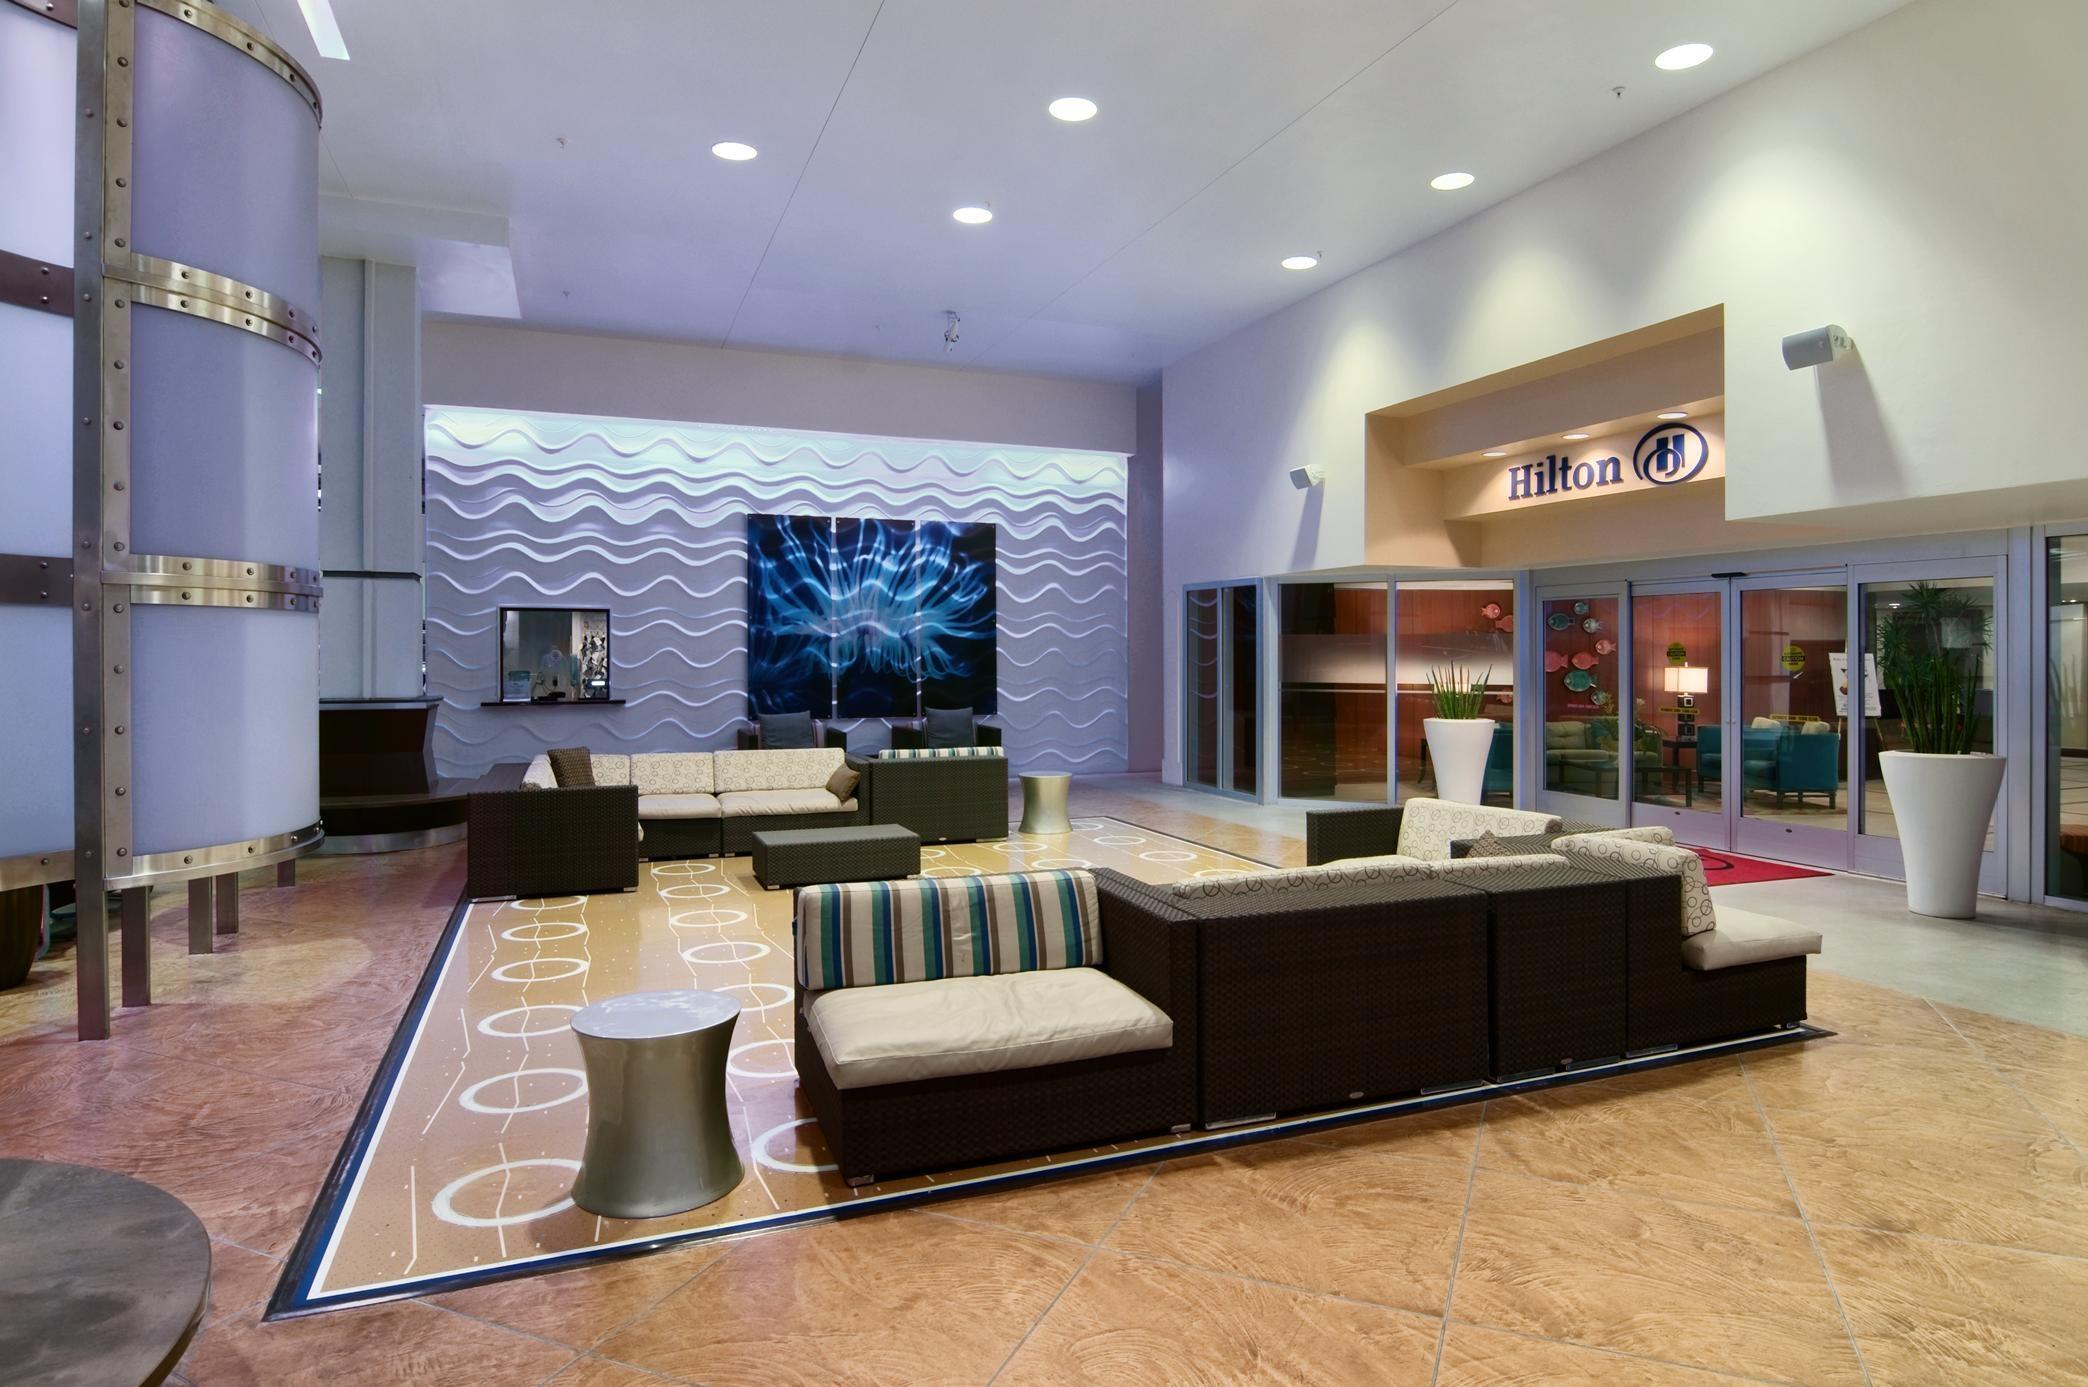 Hilton Miami Downtown image 3